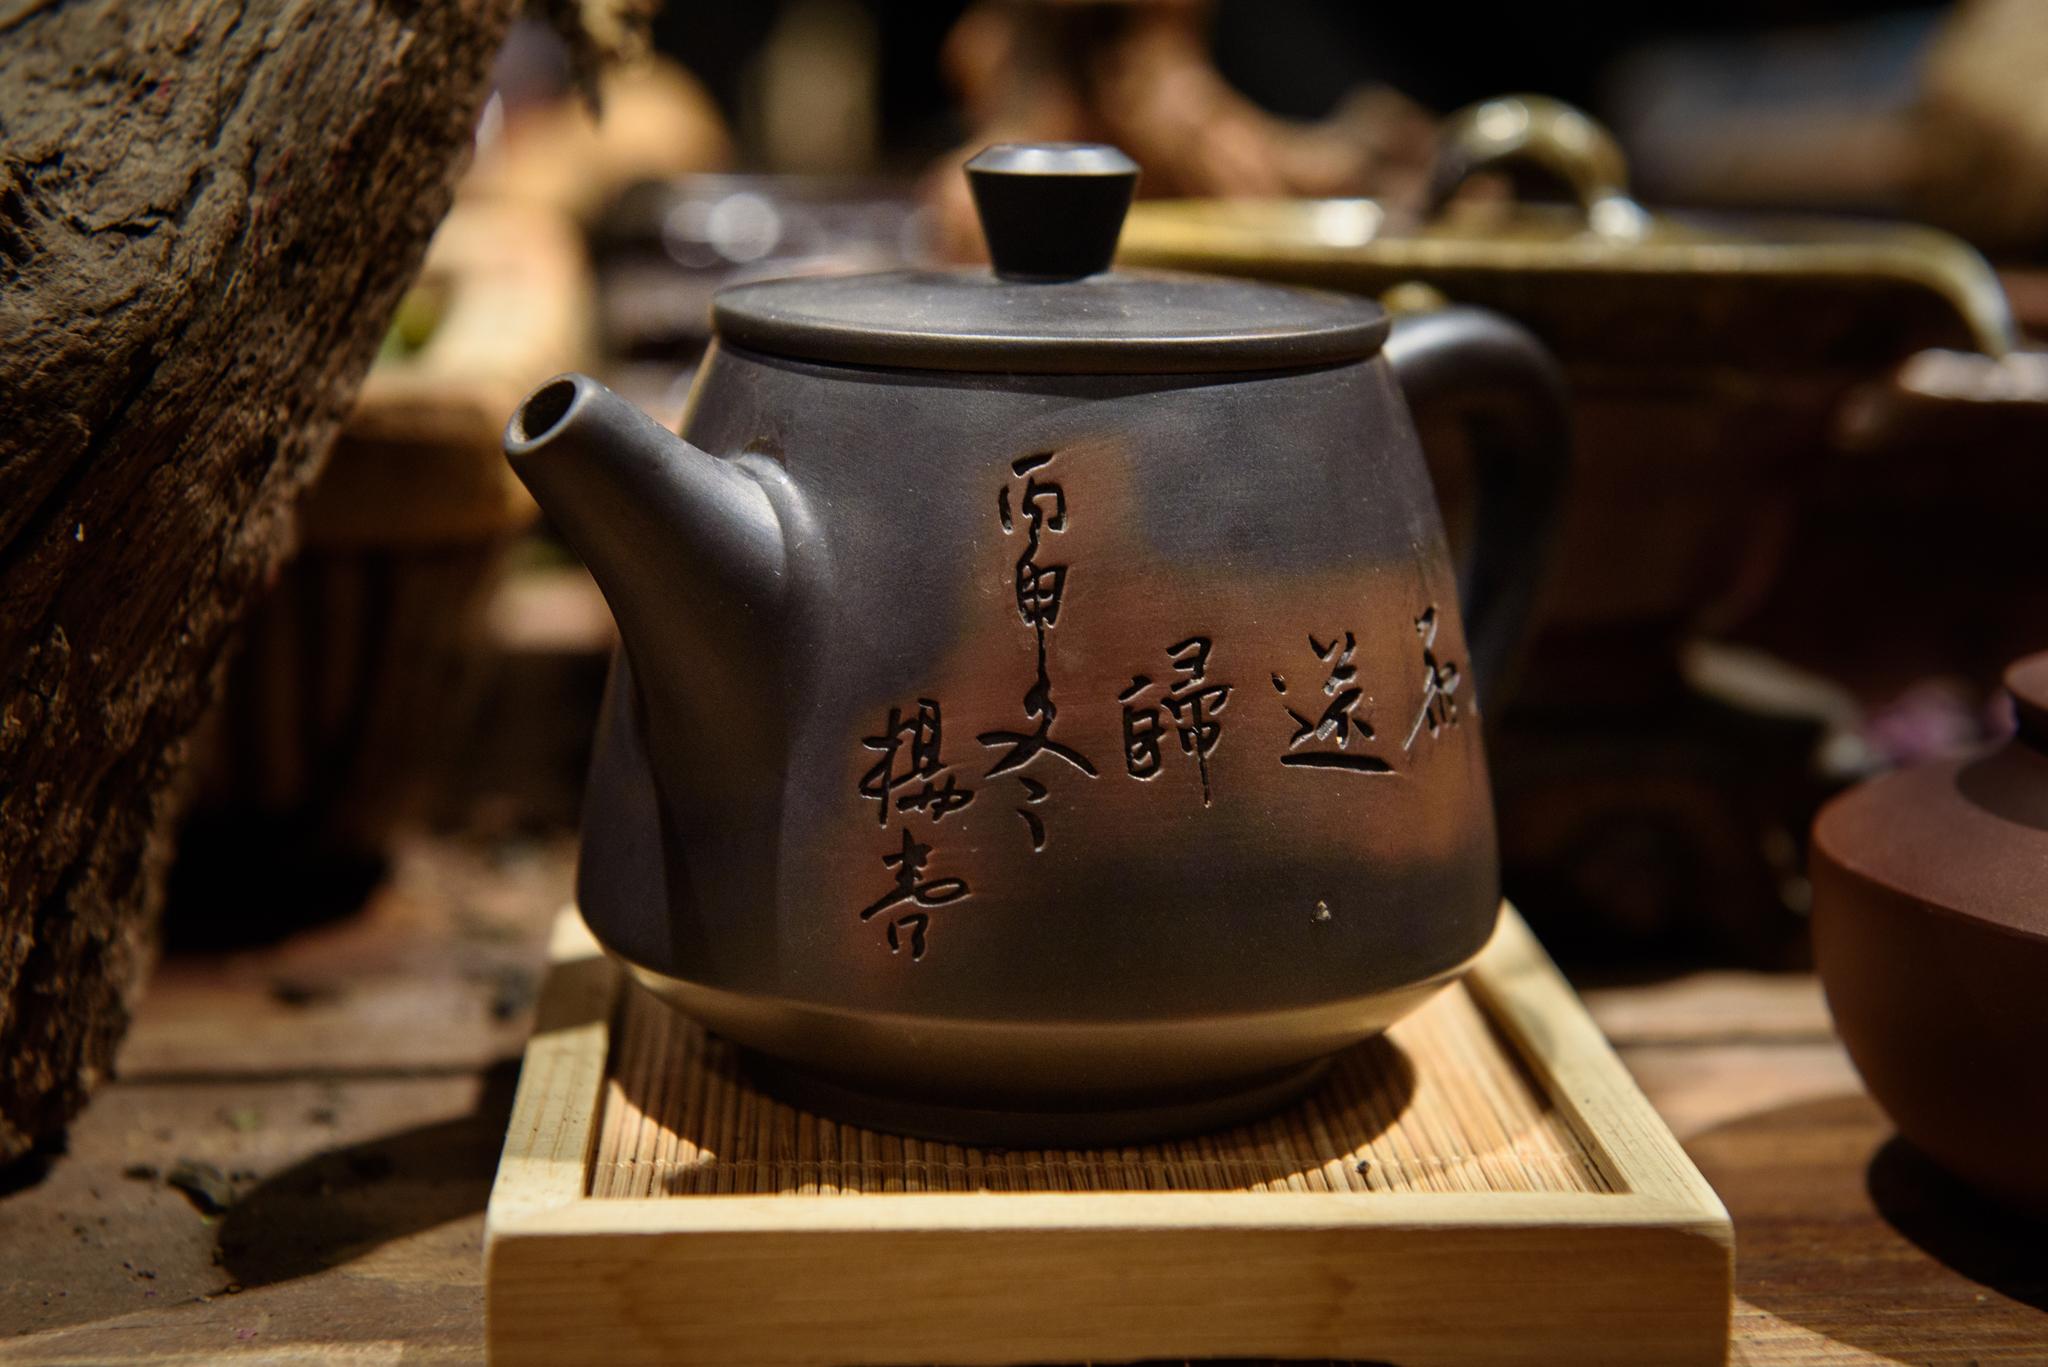 termékfotó; teakanna